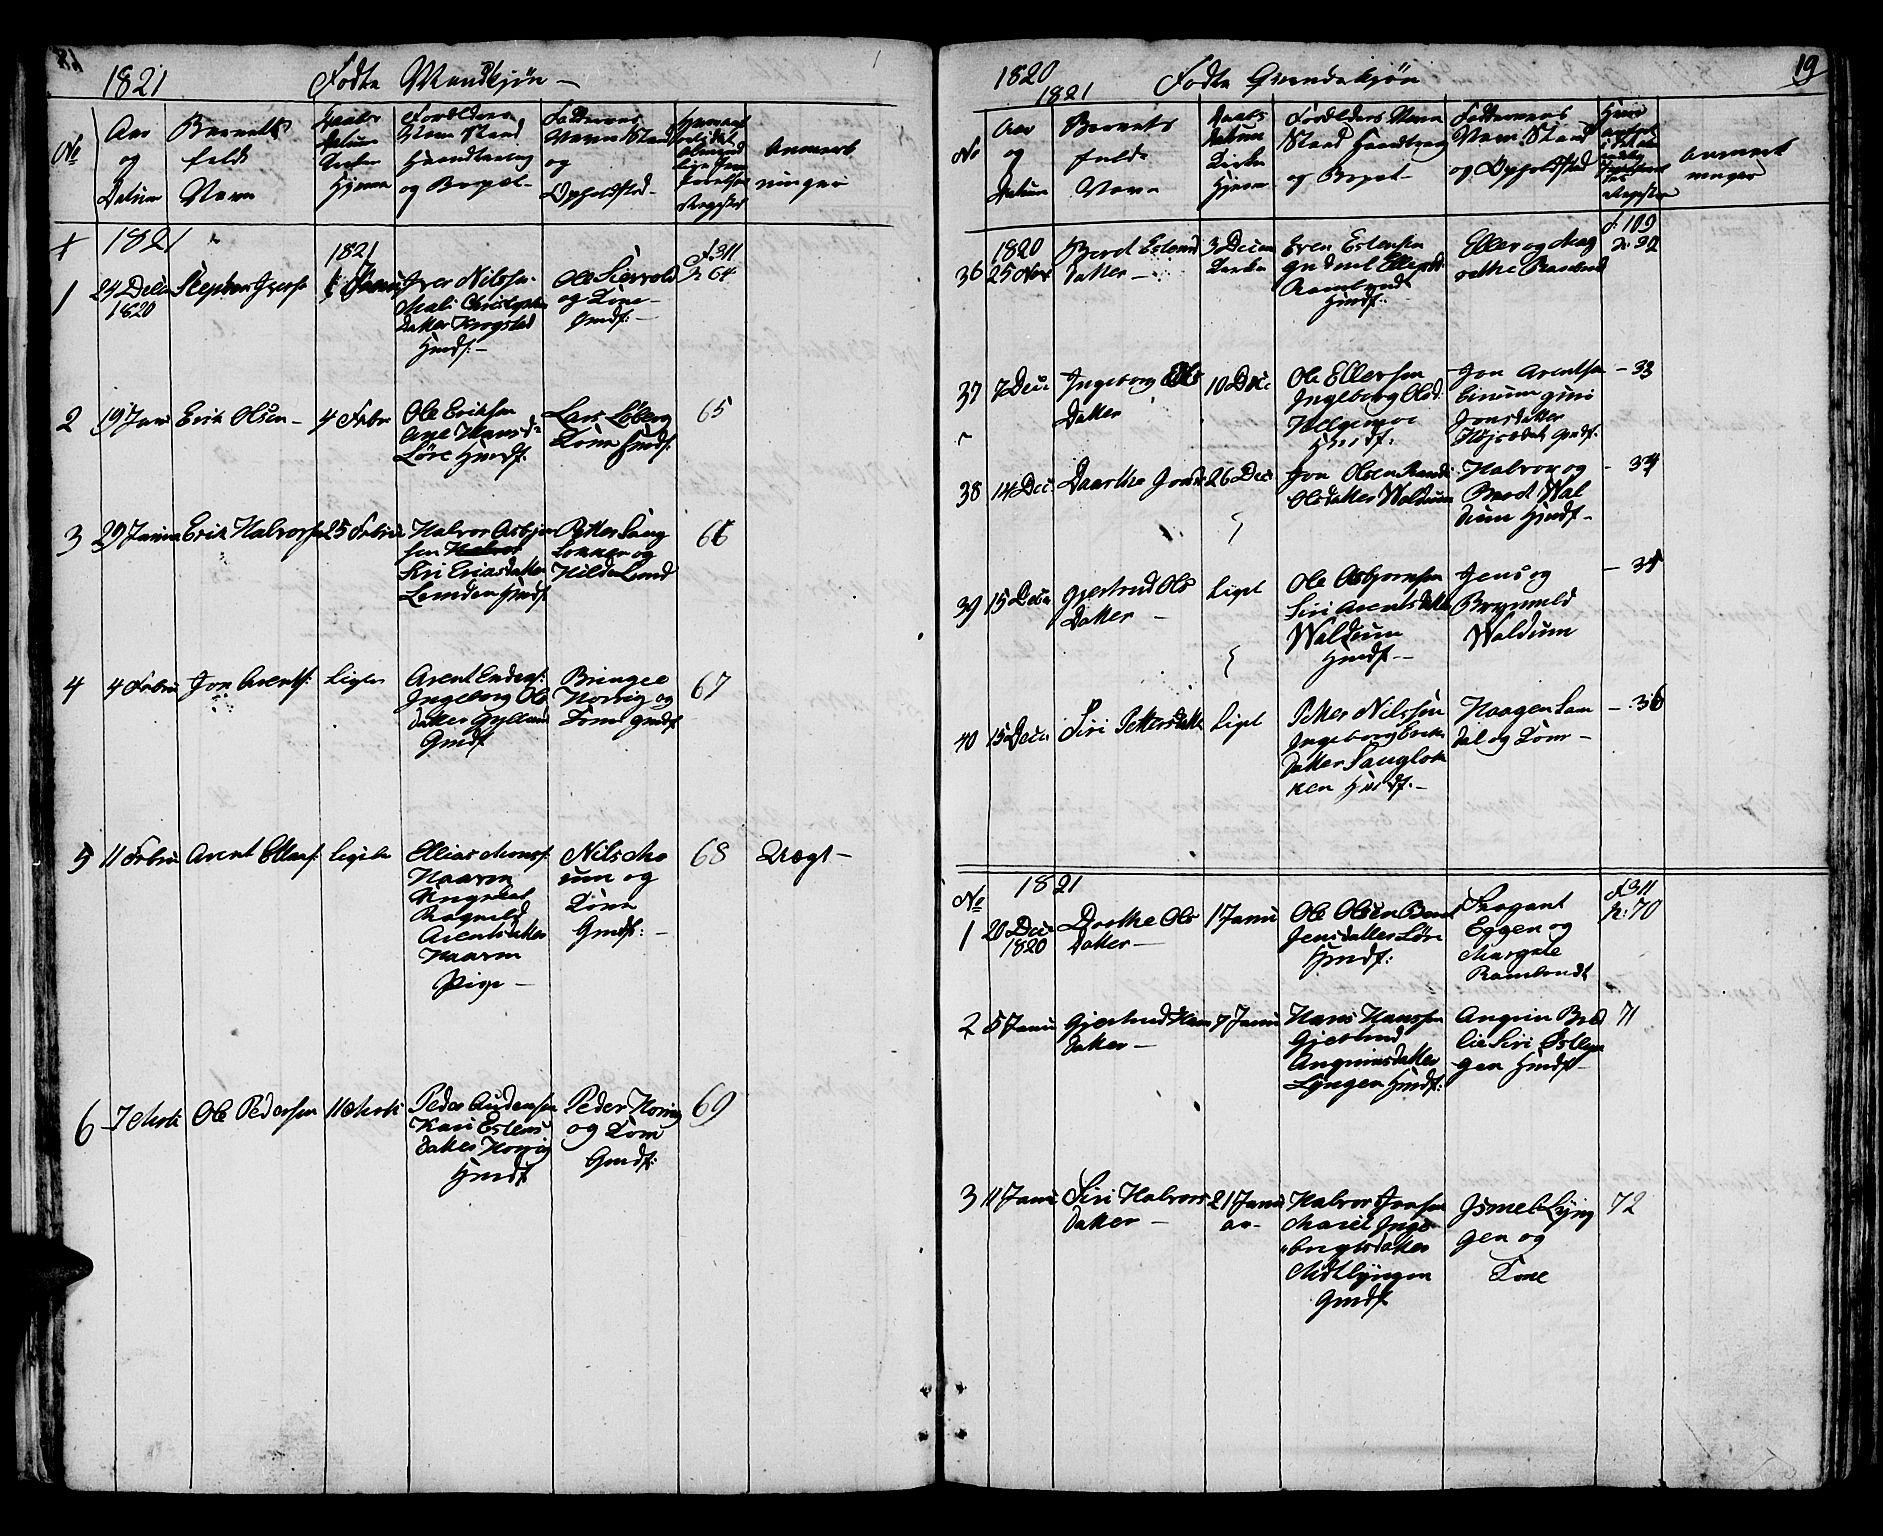 SAT, Ministerialprotokoller, klokkerbøker og fødselsregistre - Sør-Trøndelag, 692/L1108: Klokkerbok nr. 692C03, 1816-1833, s. 19